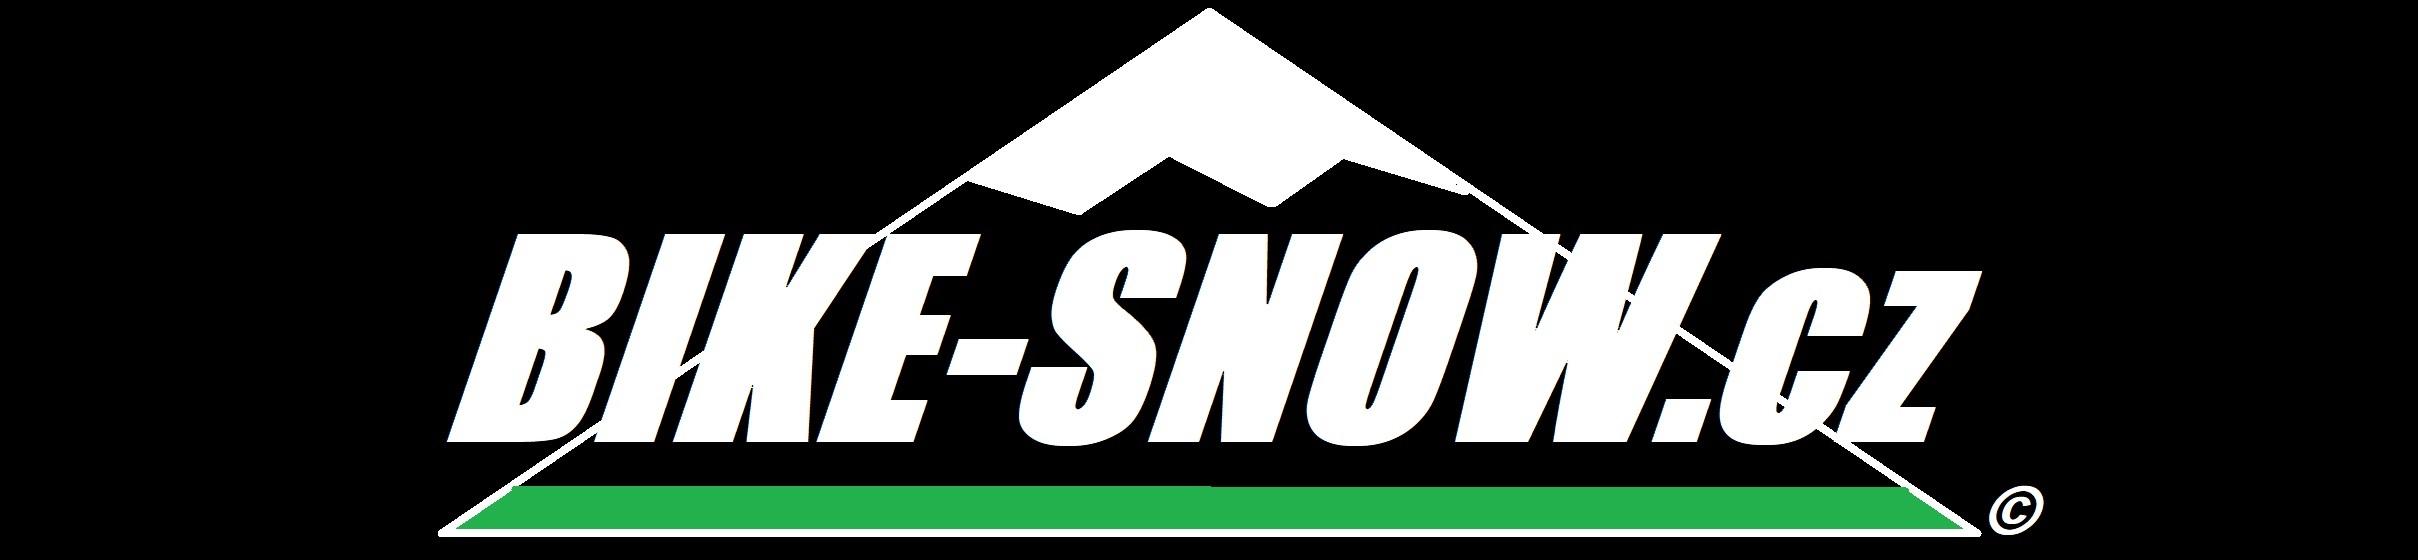 Bike-Snow.cz